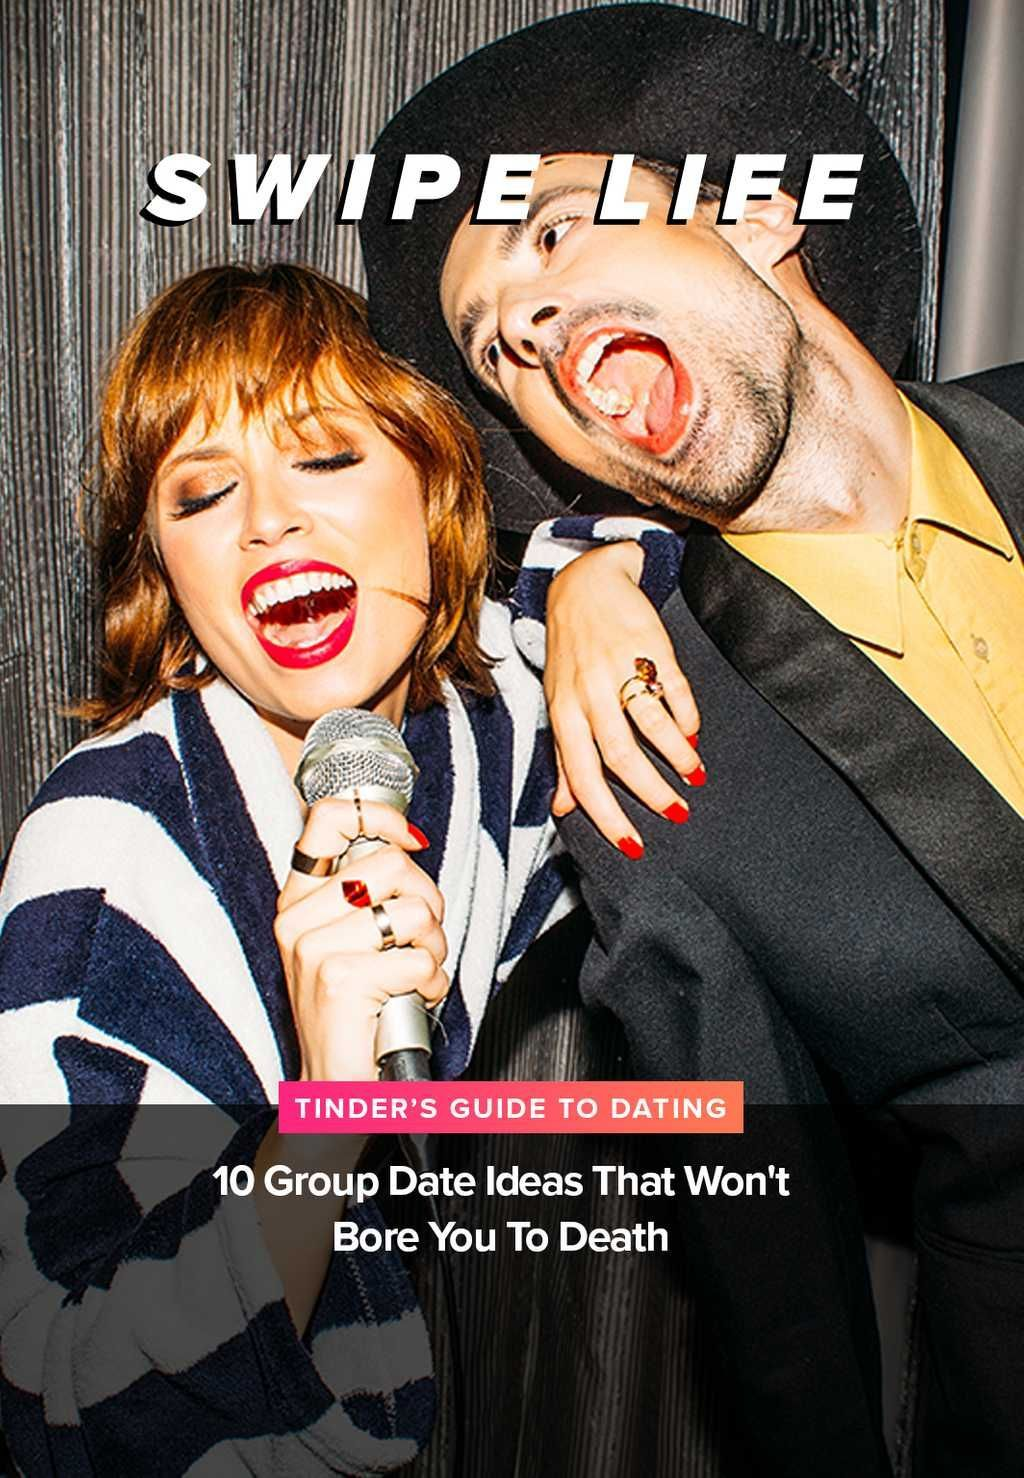 Gay Dating Hookup Chat App for Kik & Snapchat 17+